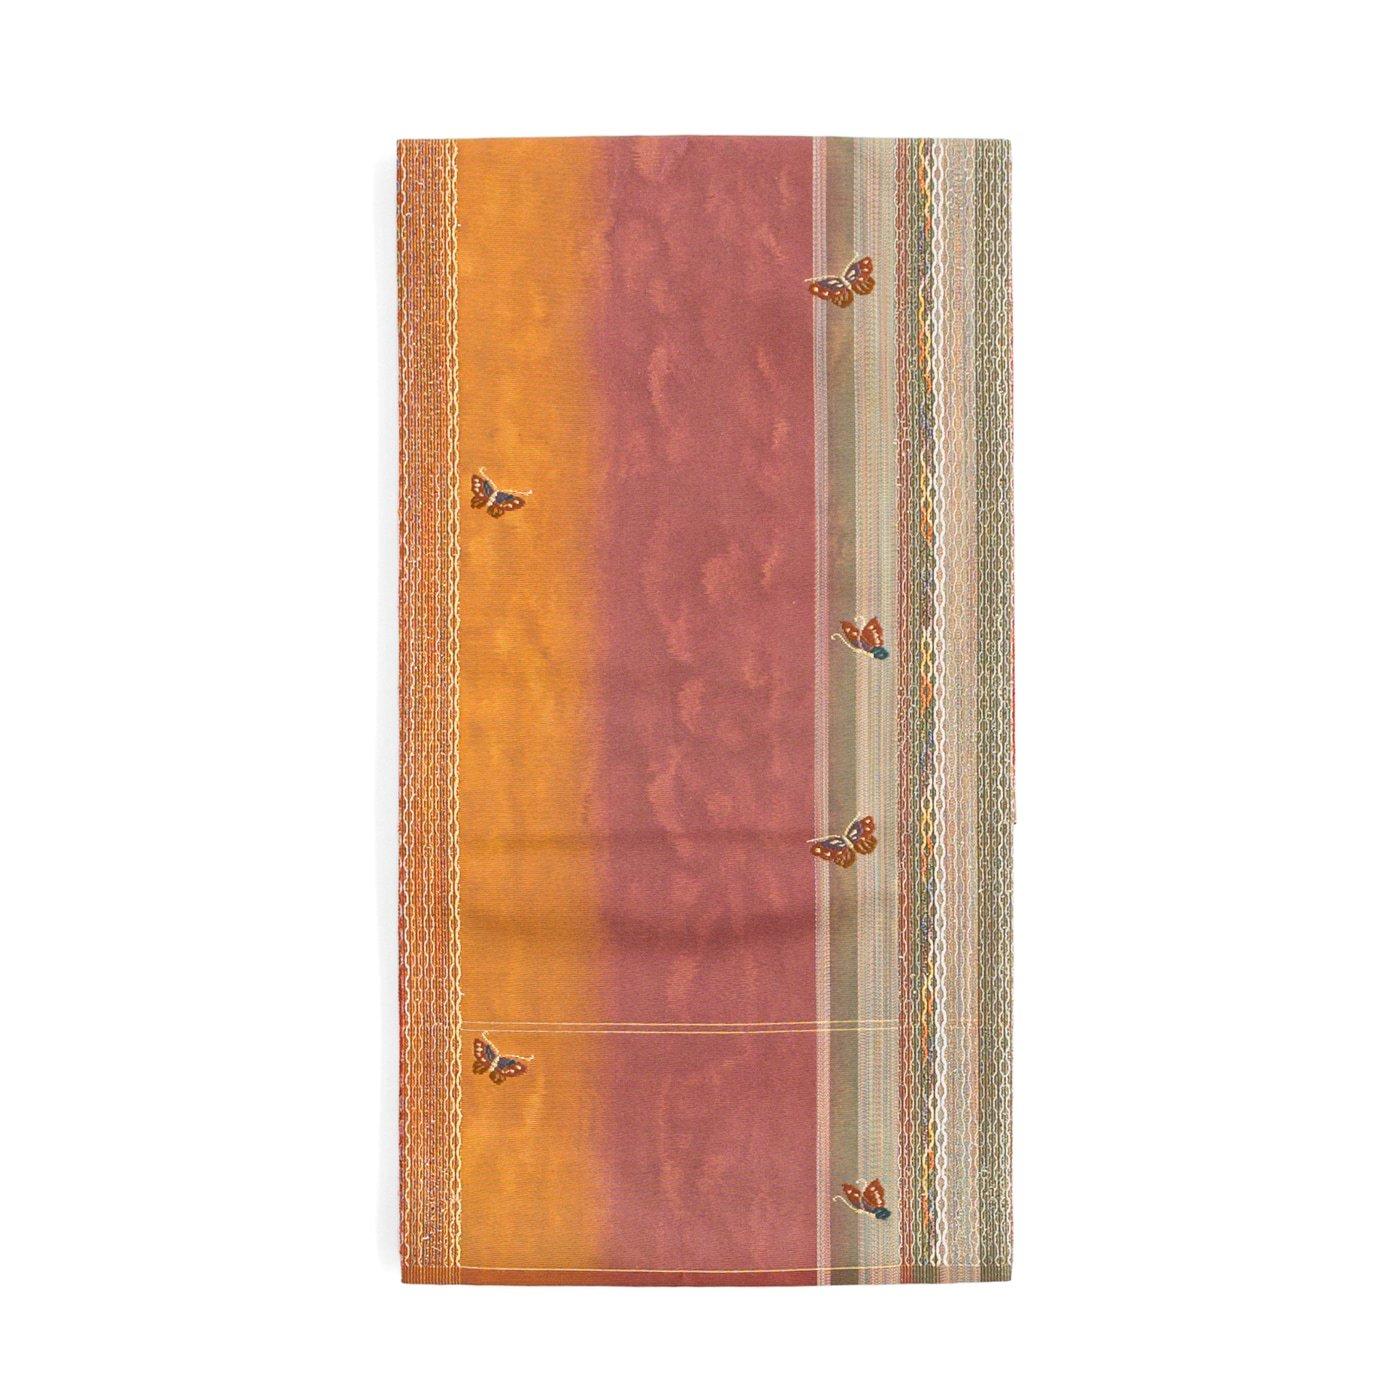 「袋帯●細い縞に小さな蝶々」の商品画像